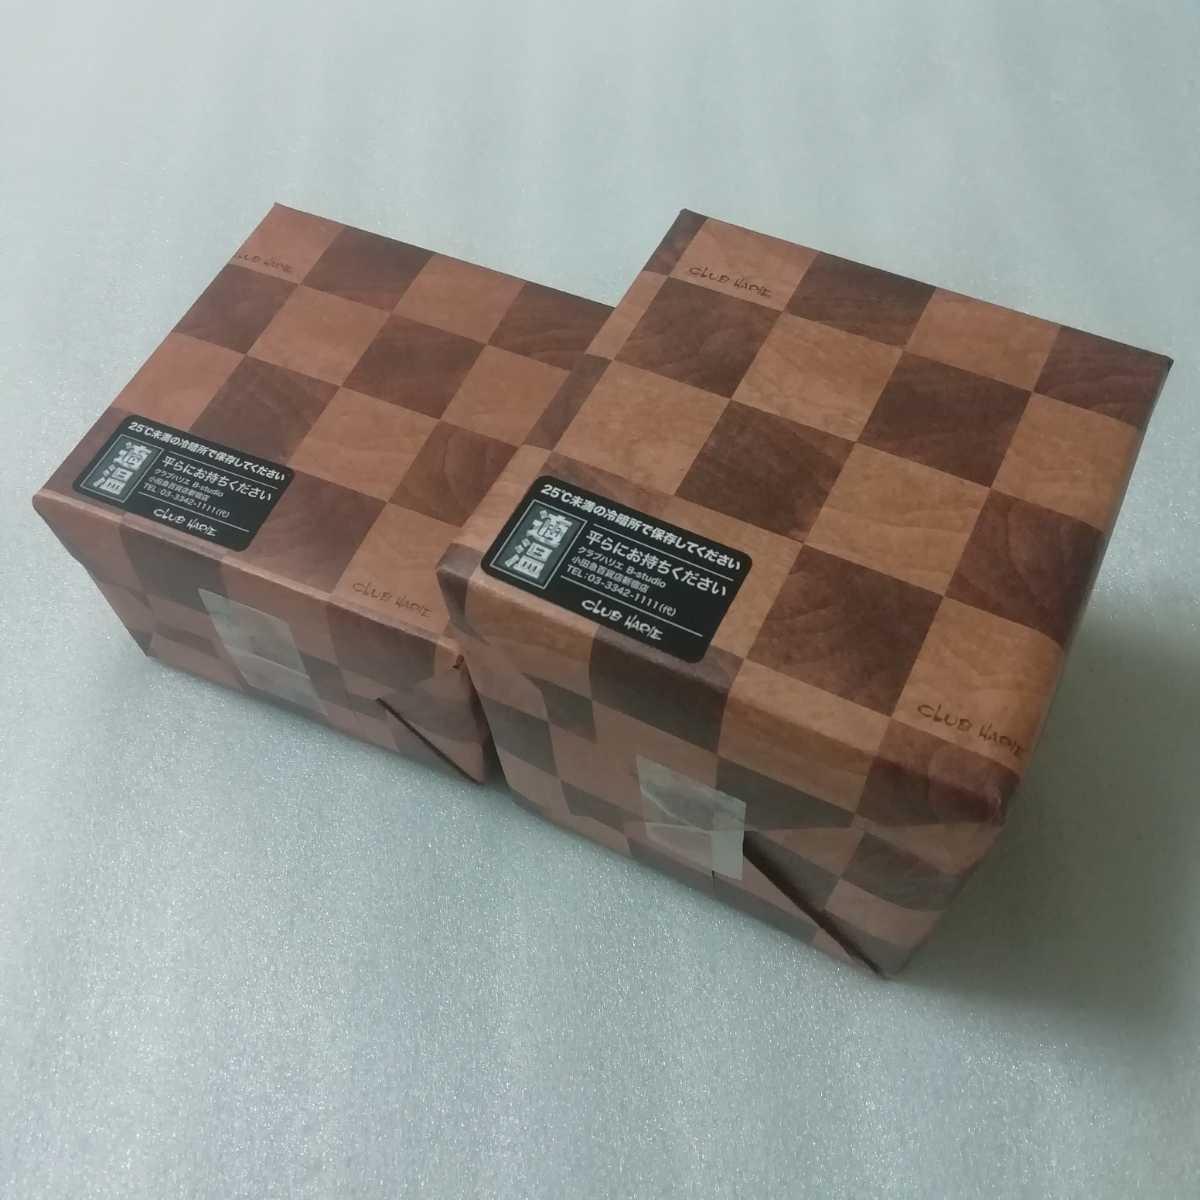 クラブハリエ 2種類2箱 バームクーヘンmini 7.7cm 11.5cm バームクーヘン バウムクーヘン クラブハリエ お菓子 詰め合わせ_画像3